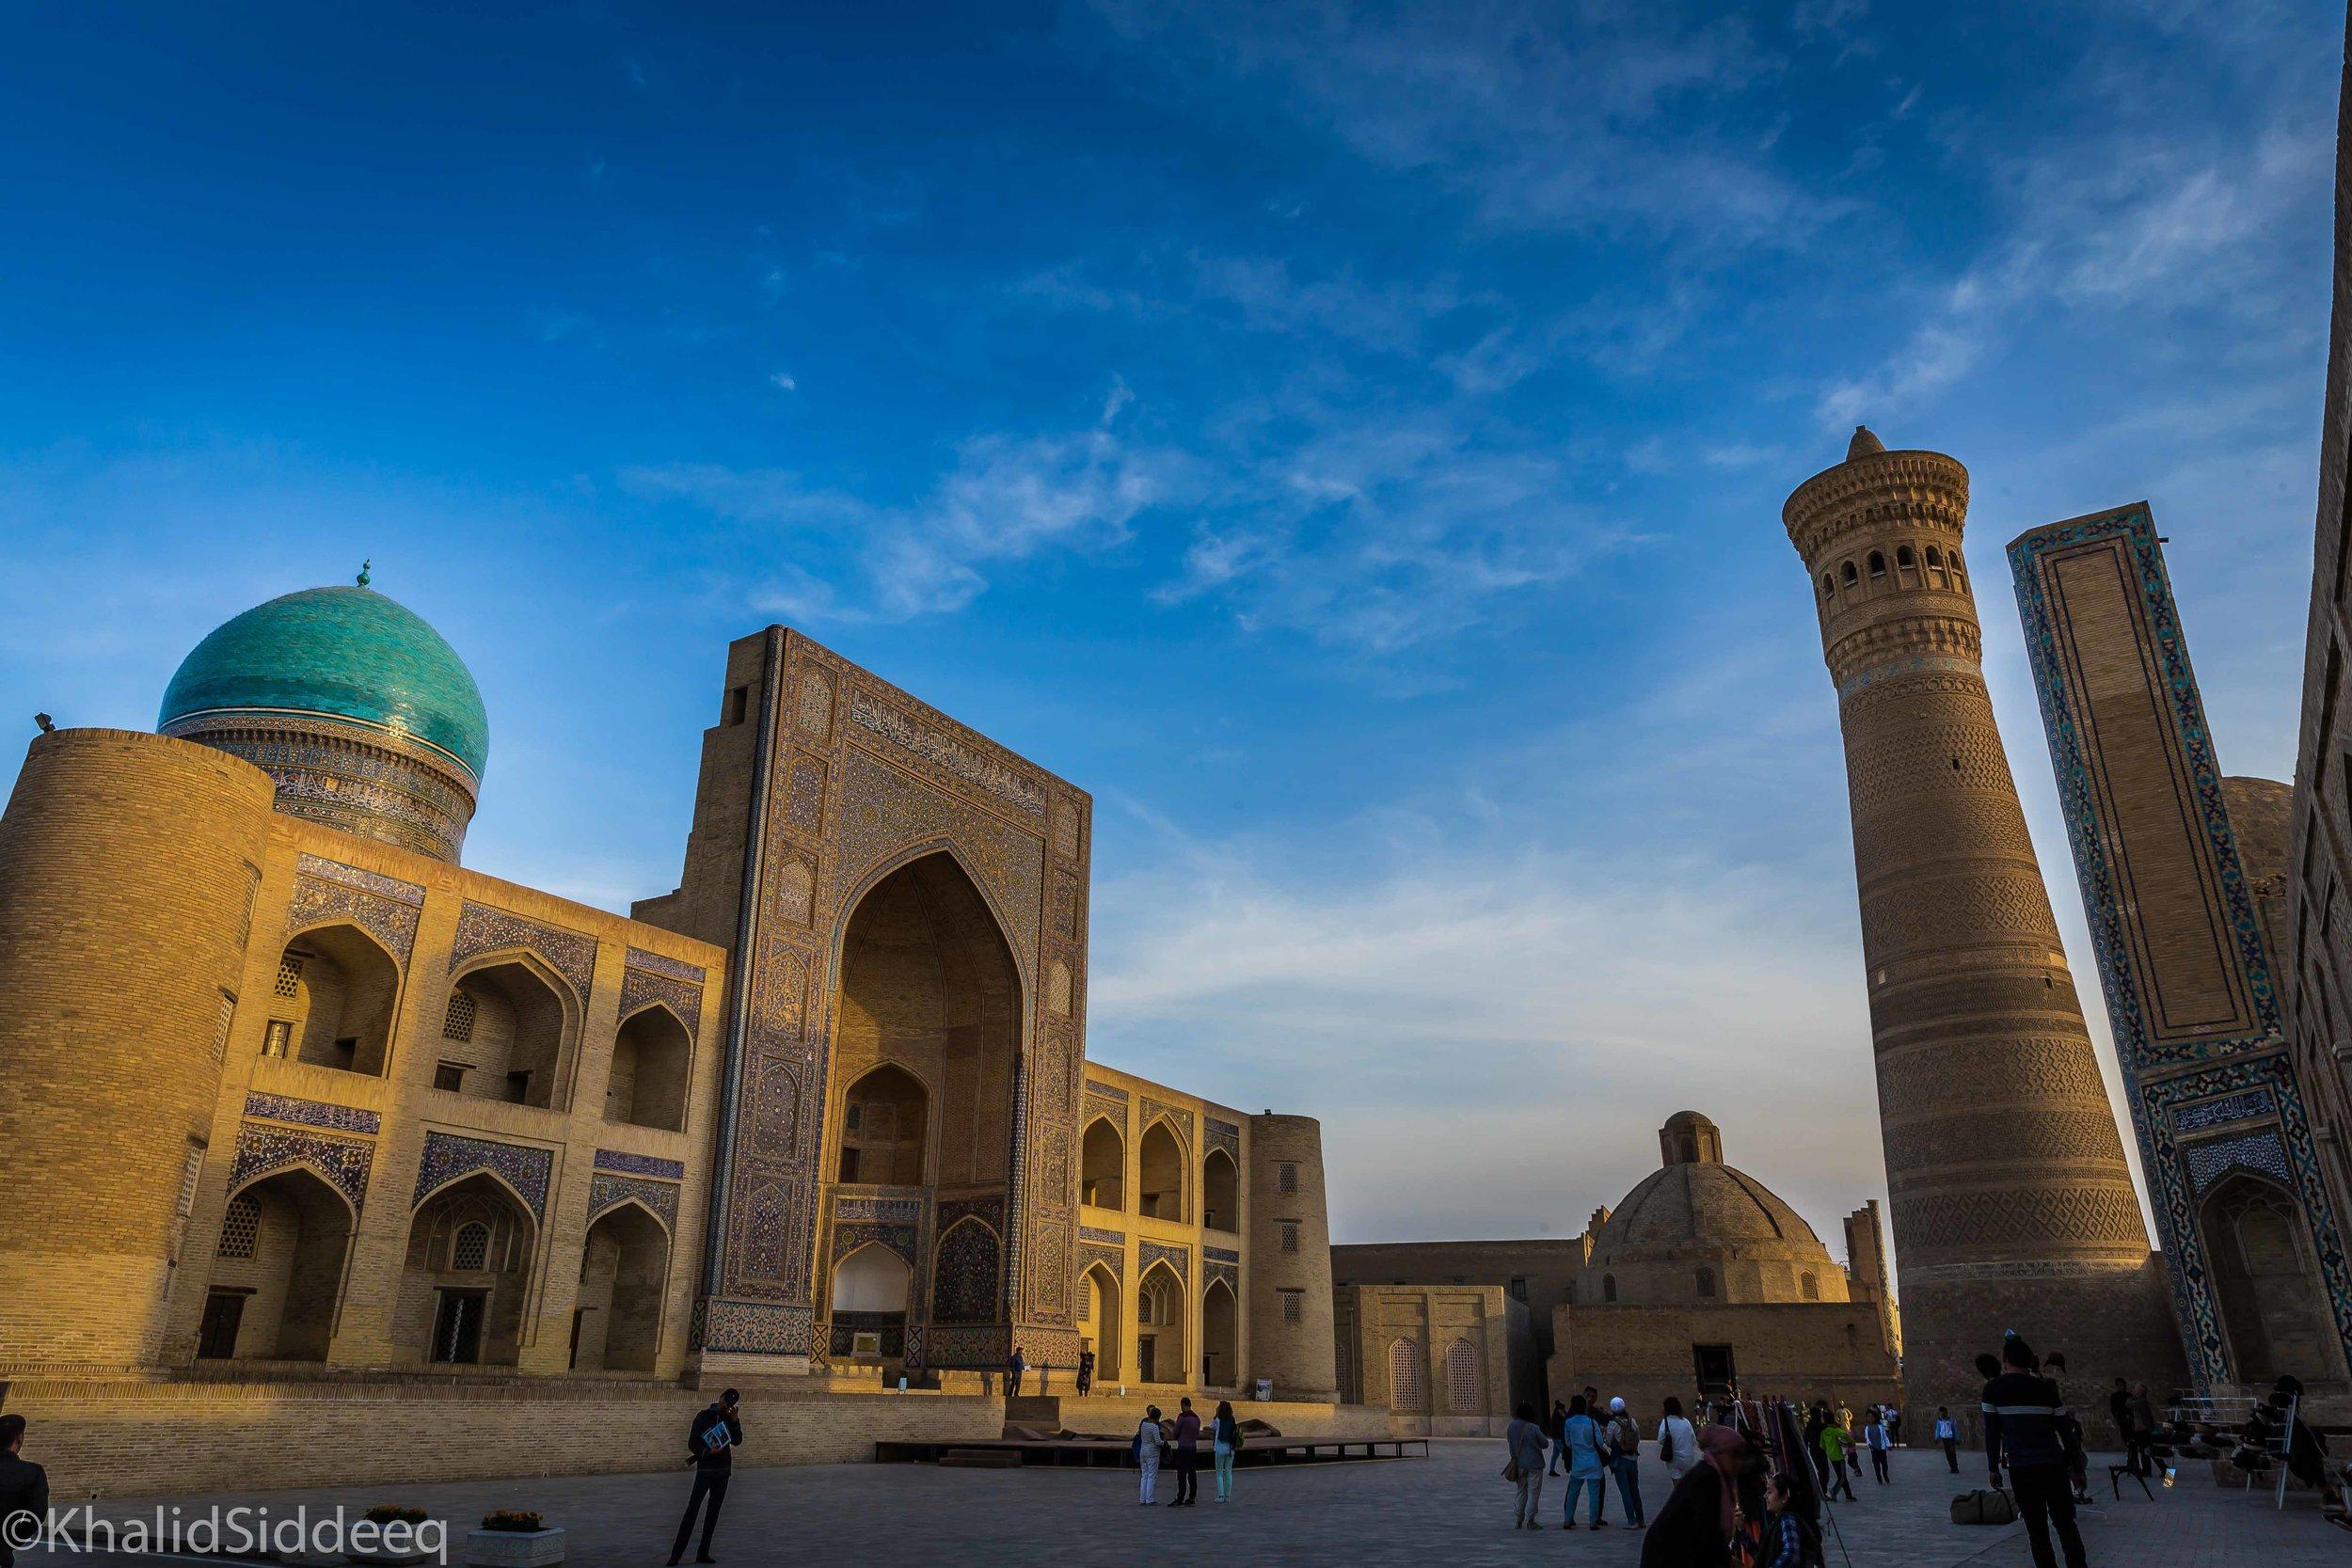 مدرسة مير عرب، بخارى، أوزباكستان